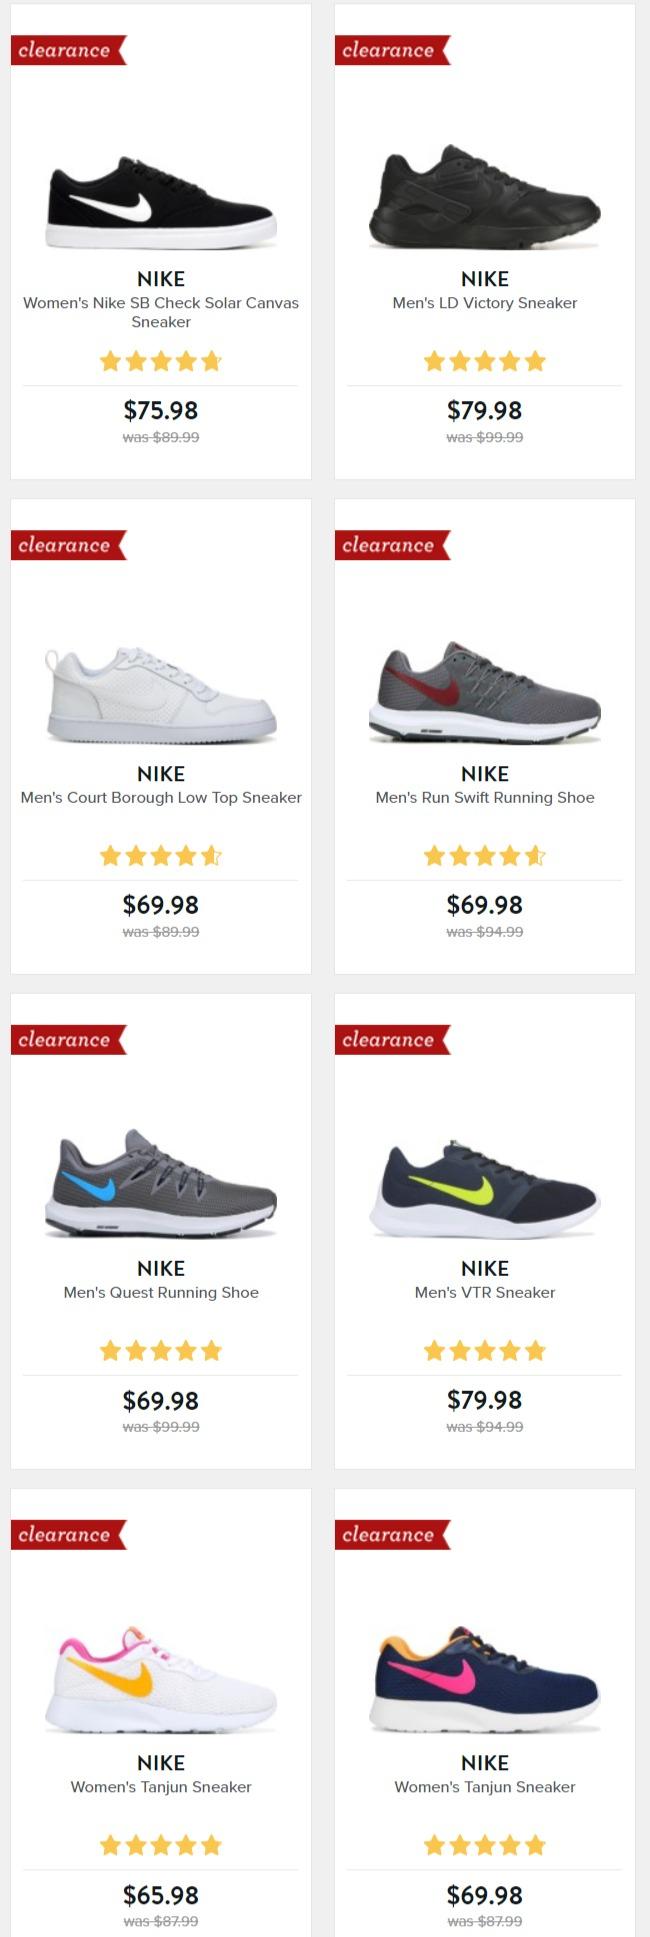 精选 Nike、 Vans、Clarks、Adidas 等品牌成人儿童鞋 3.8折起+额外8折优惠!